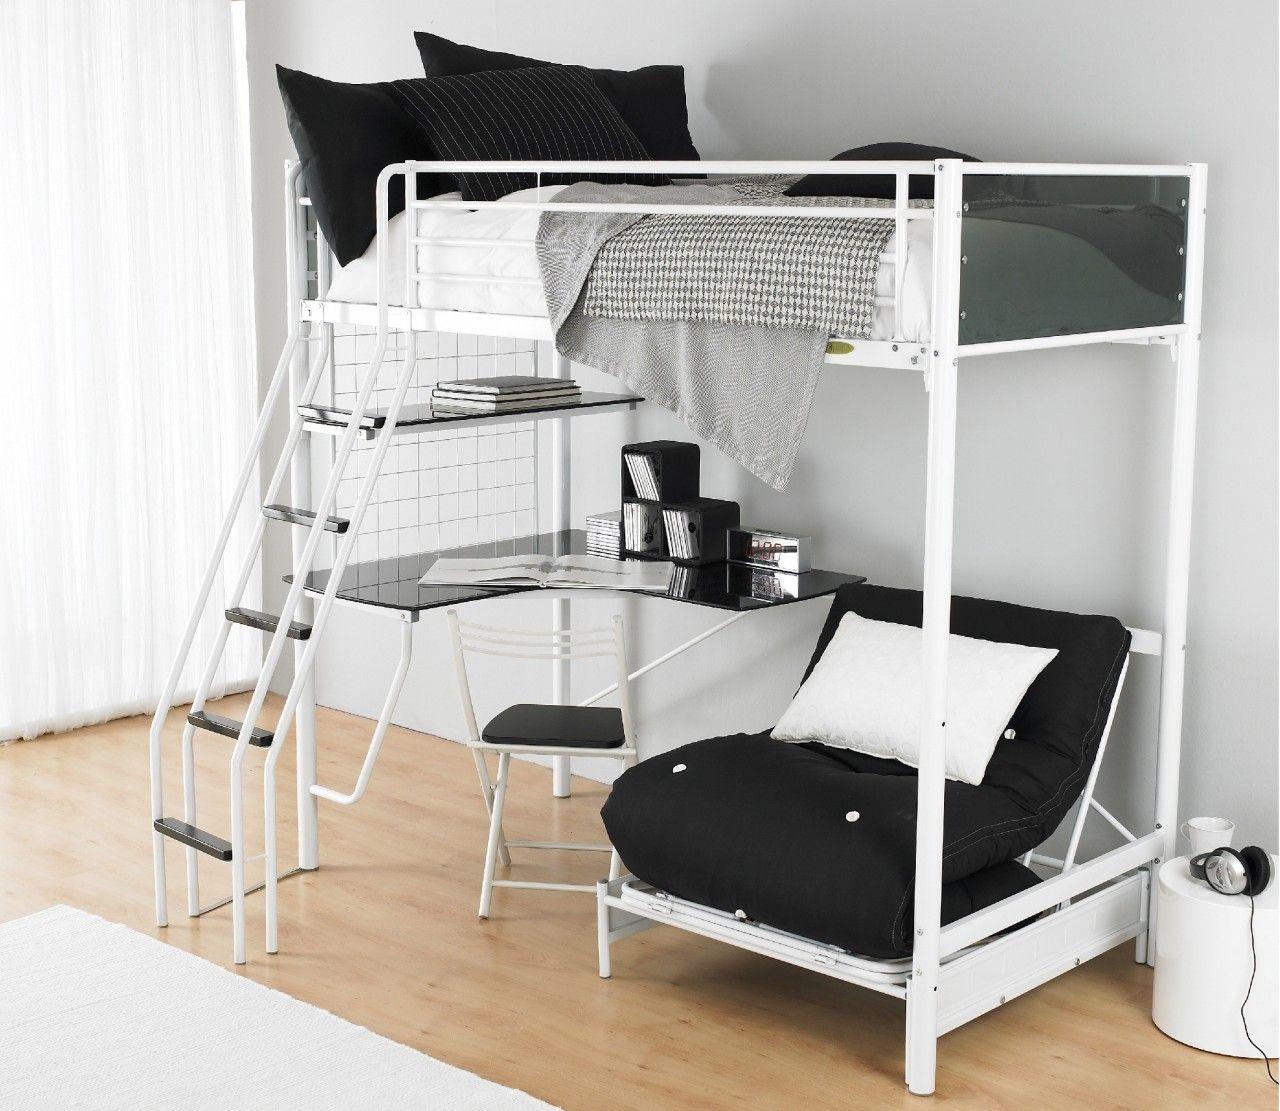 Small Bedroom Loft Beds  Small Bedroom  Pinterest  Bedroom loft